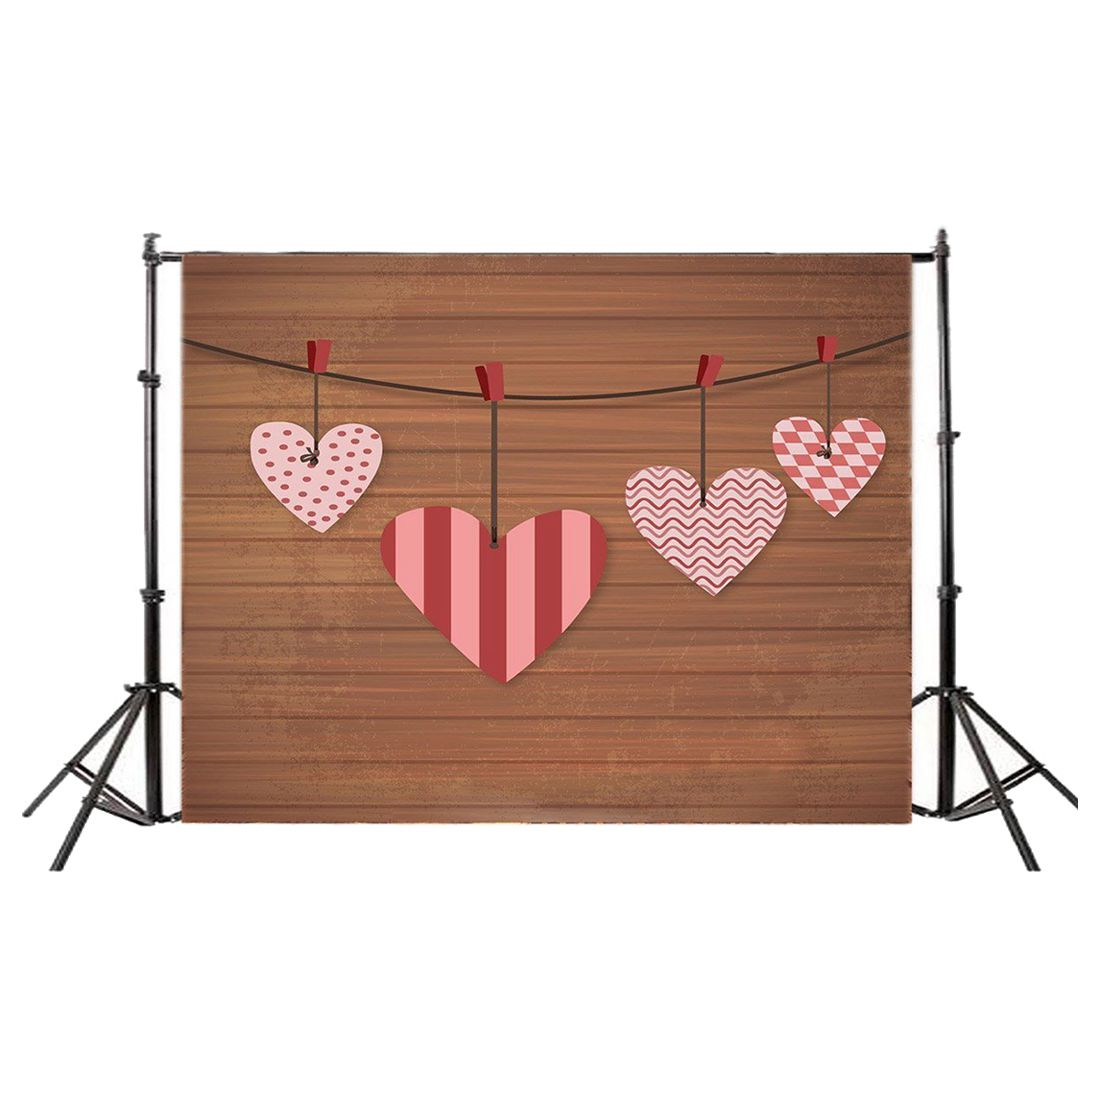 Топ предложения 5X3FT День Святого Валентина винил фотографии фон фото фон студии реквизит